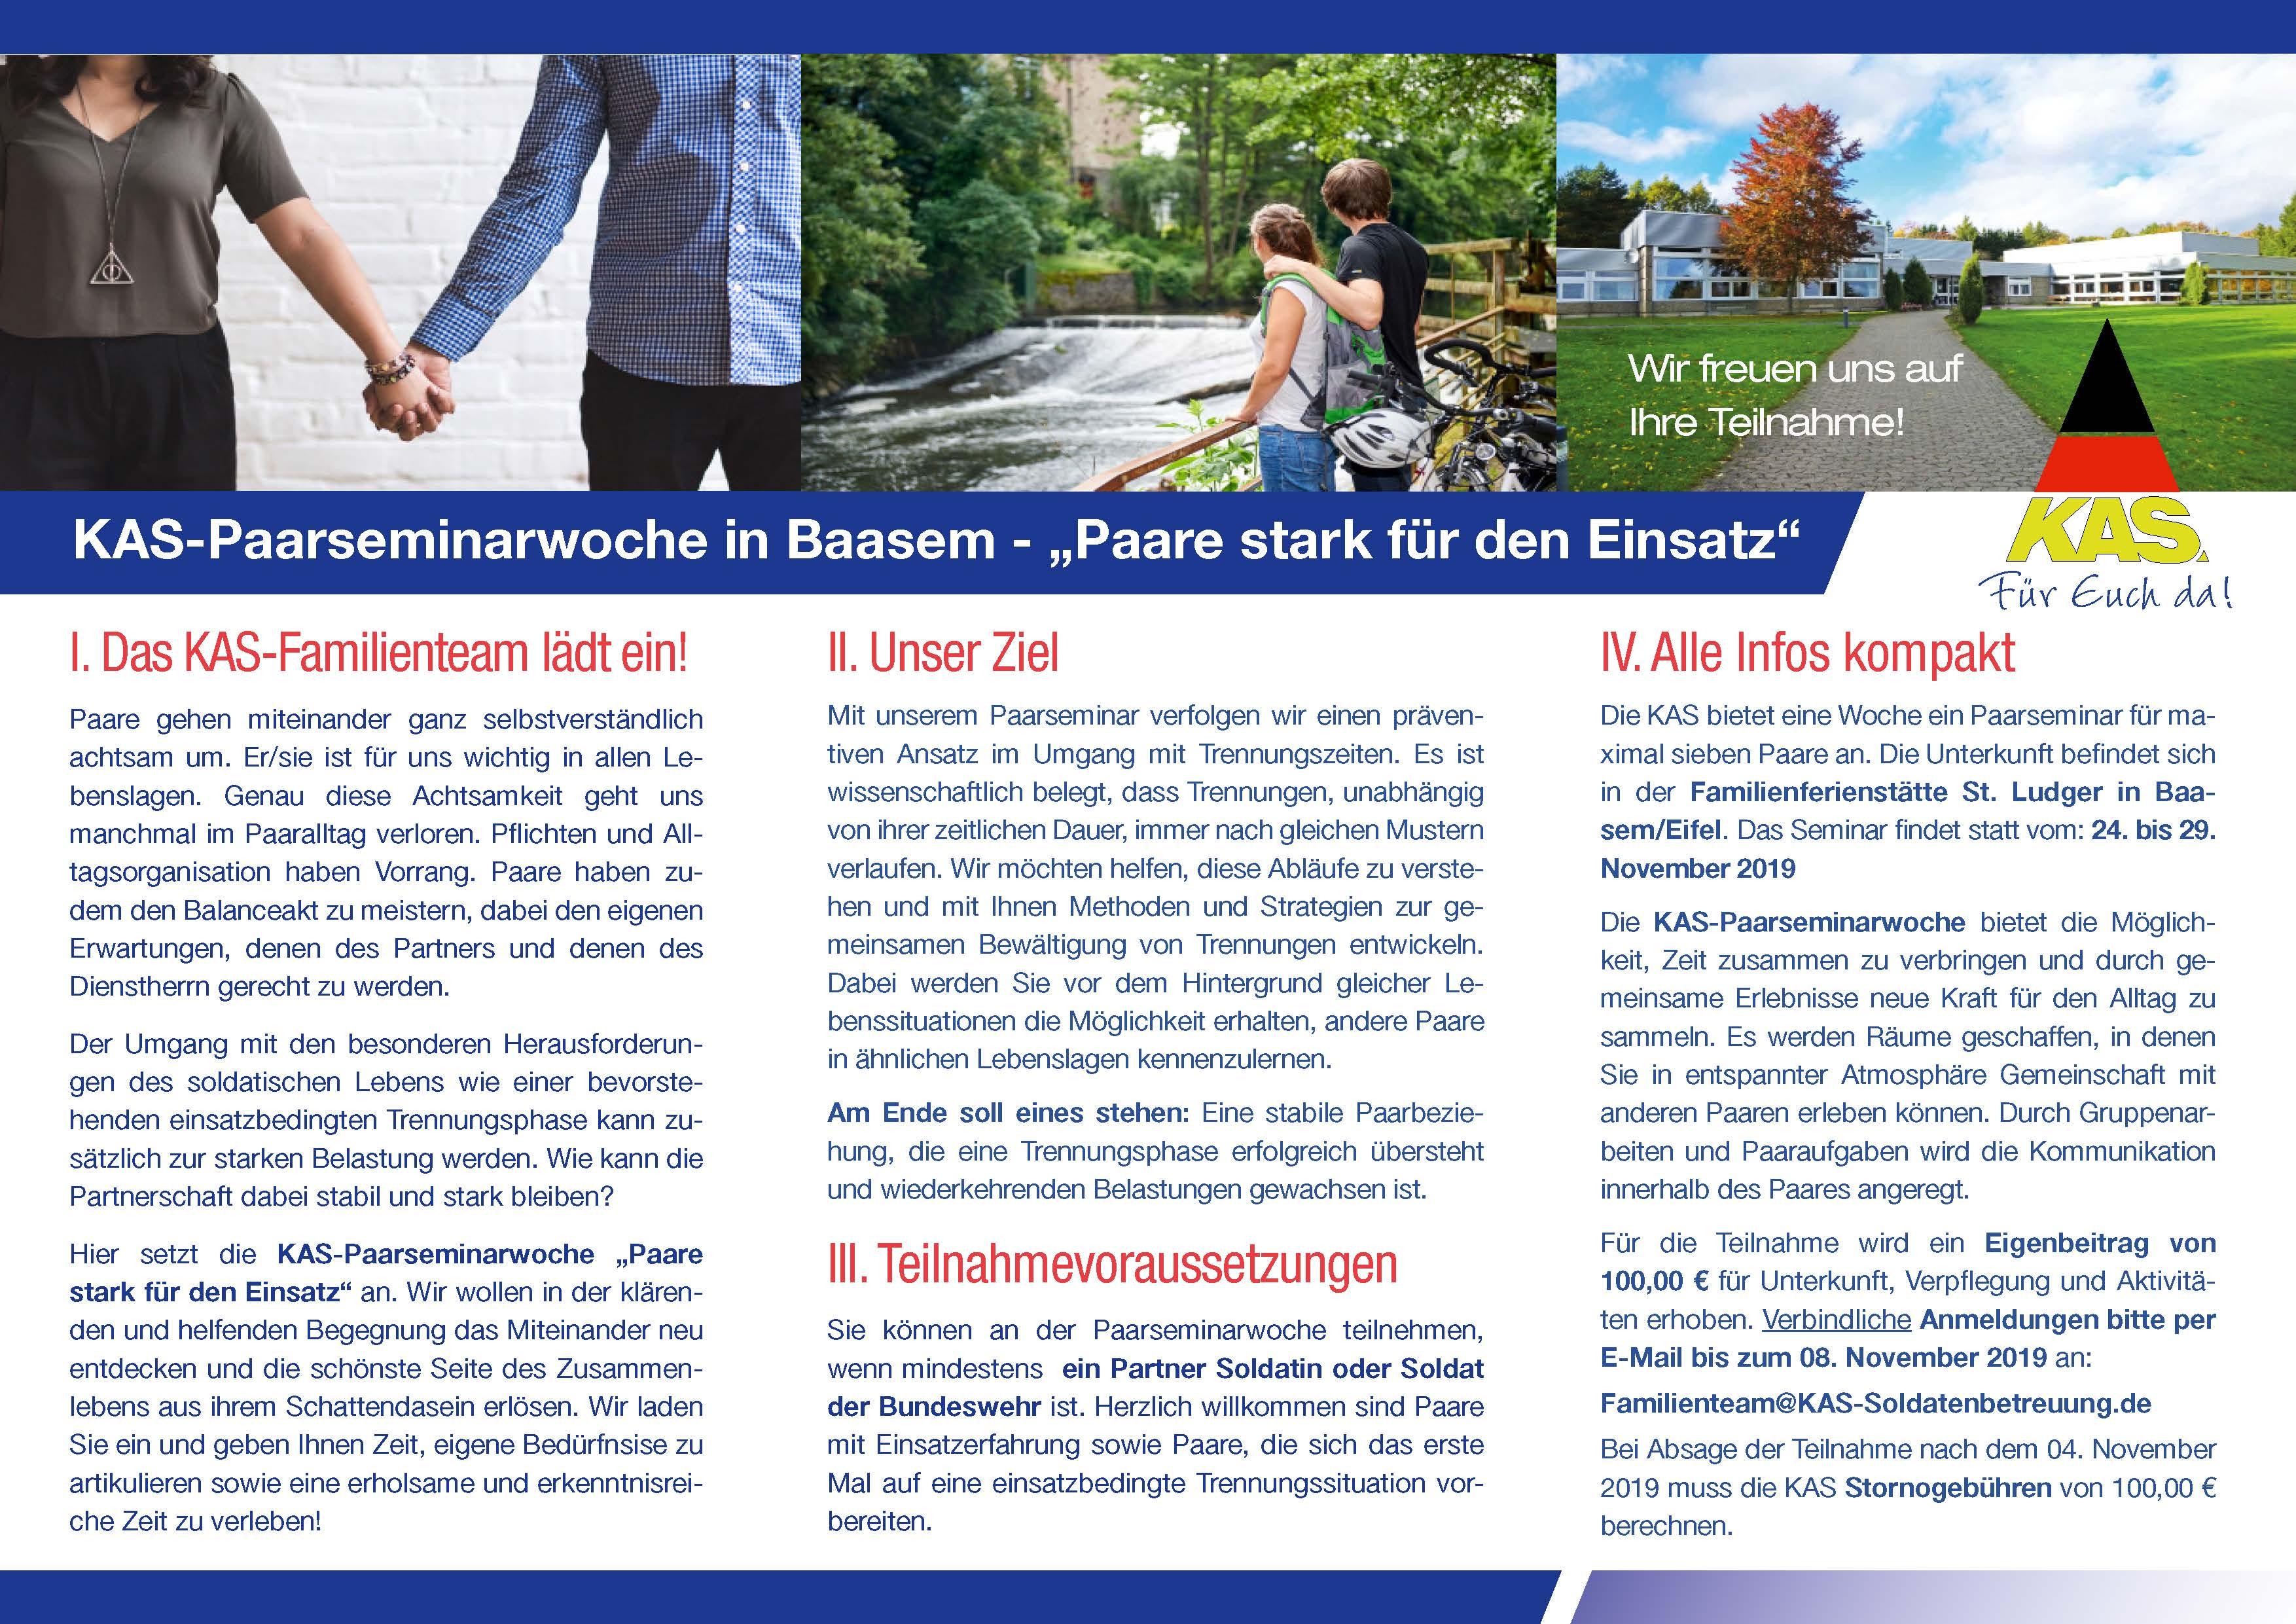 """Flyer """"Paare stark für den Einsatz"""" - Rückseite"""